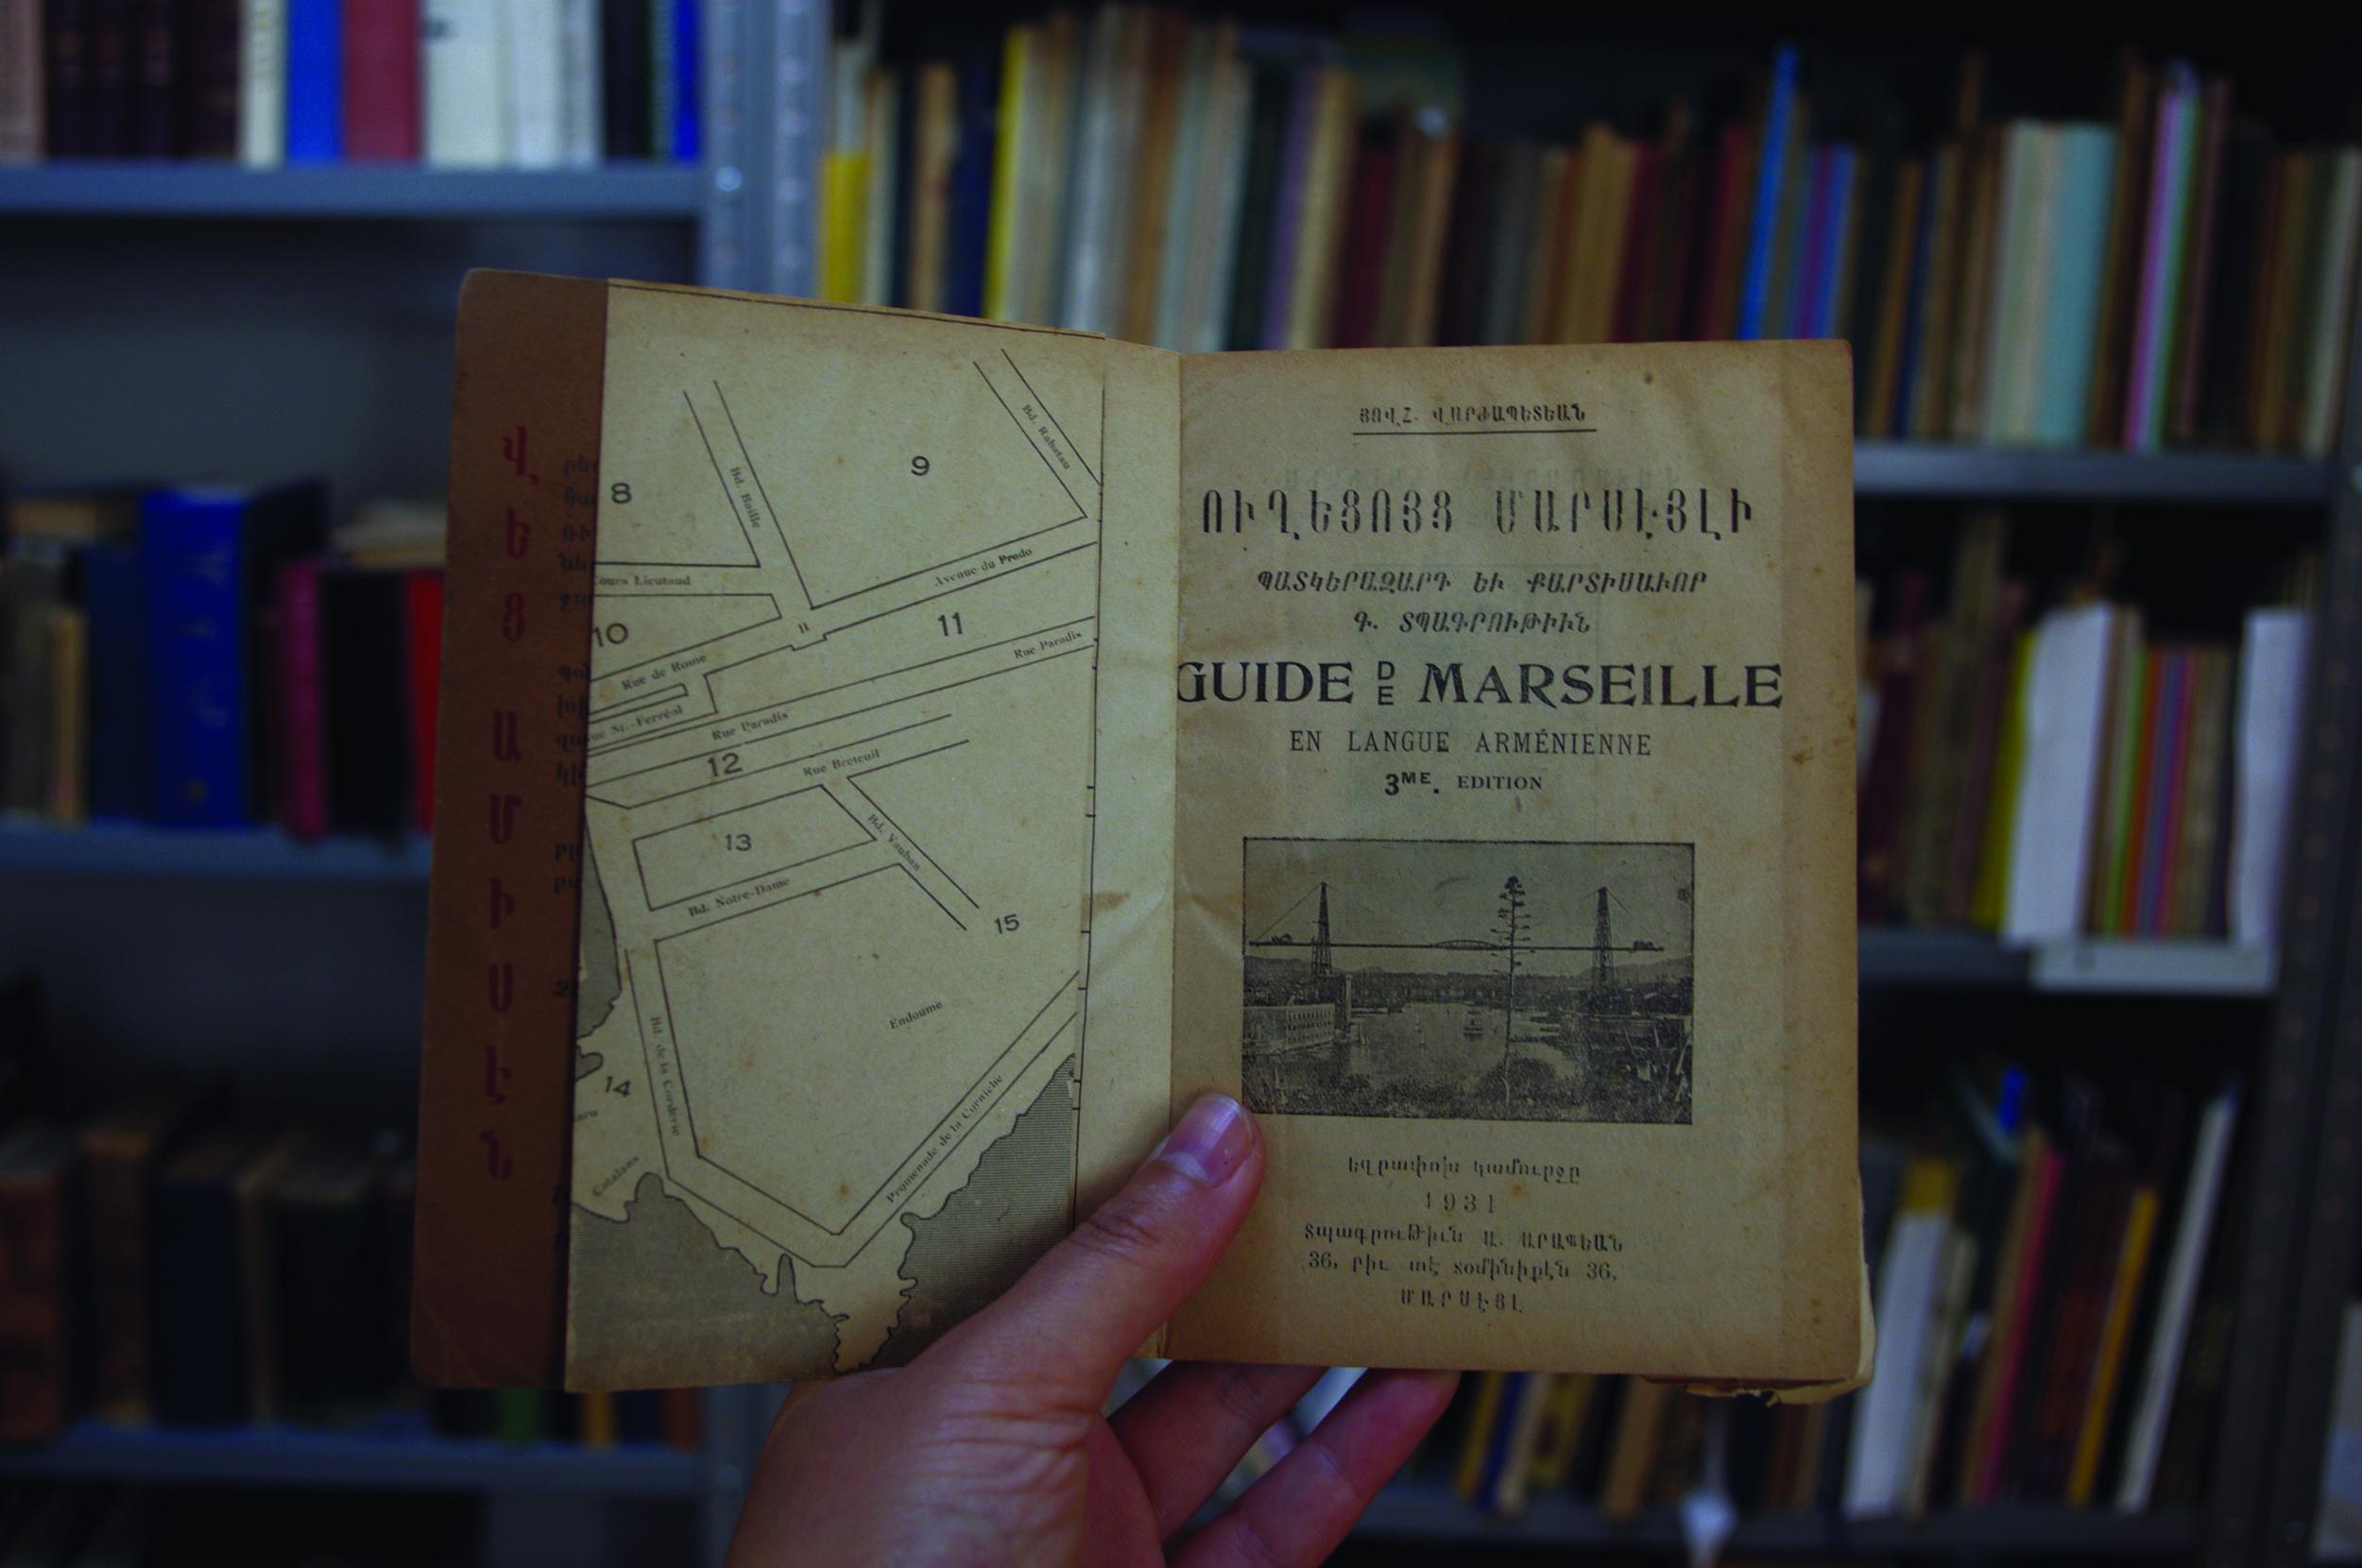 Guide destiné aux arméniens nouvellement arrivés à Marseille, en langue arméniene, 1931 - Collection Aram